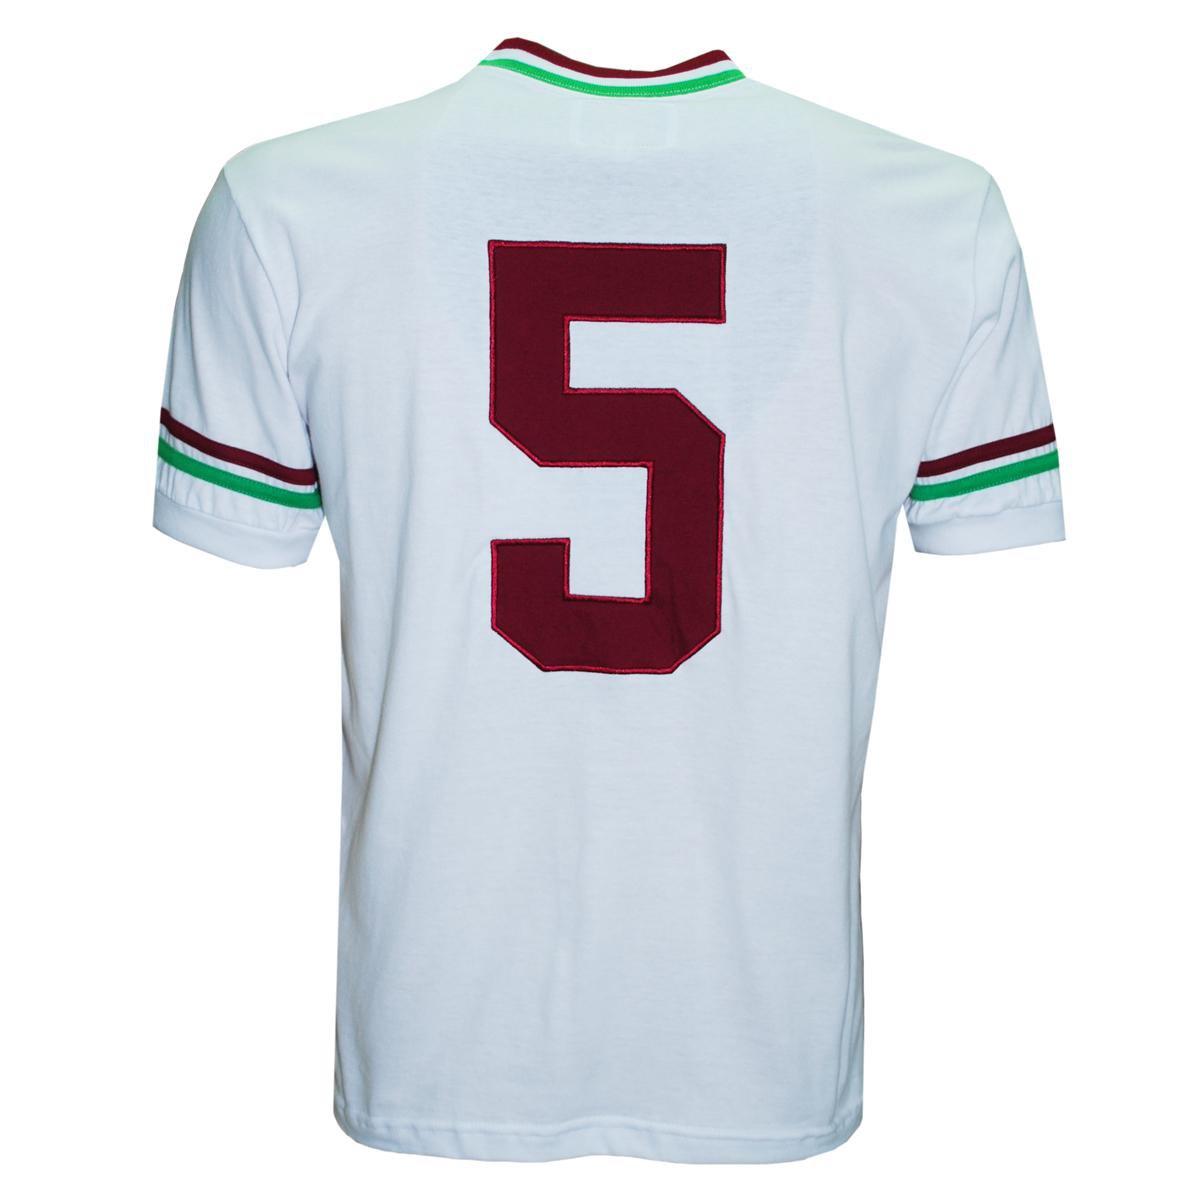 Camisa Liga Retrô Fluminense Mundial 1952 - Branco - Compre Agora ... e607d094d06ea